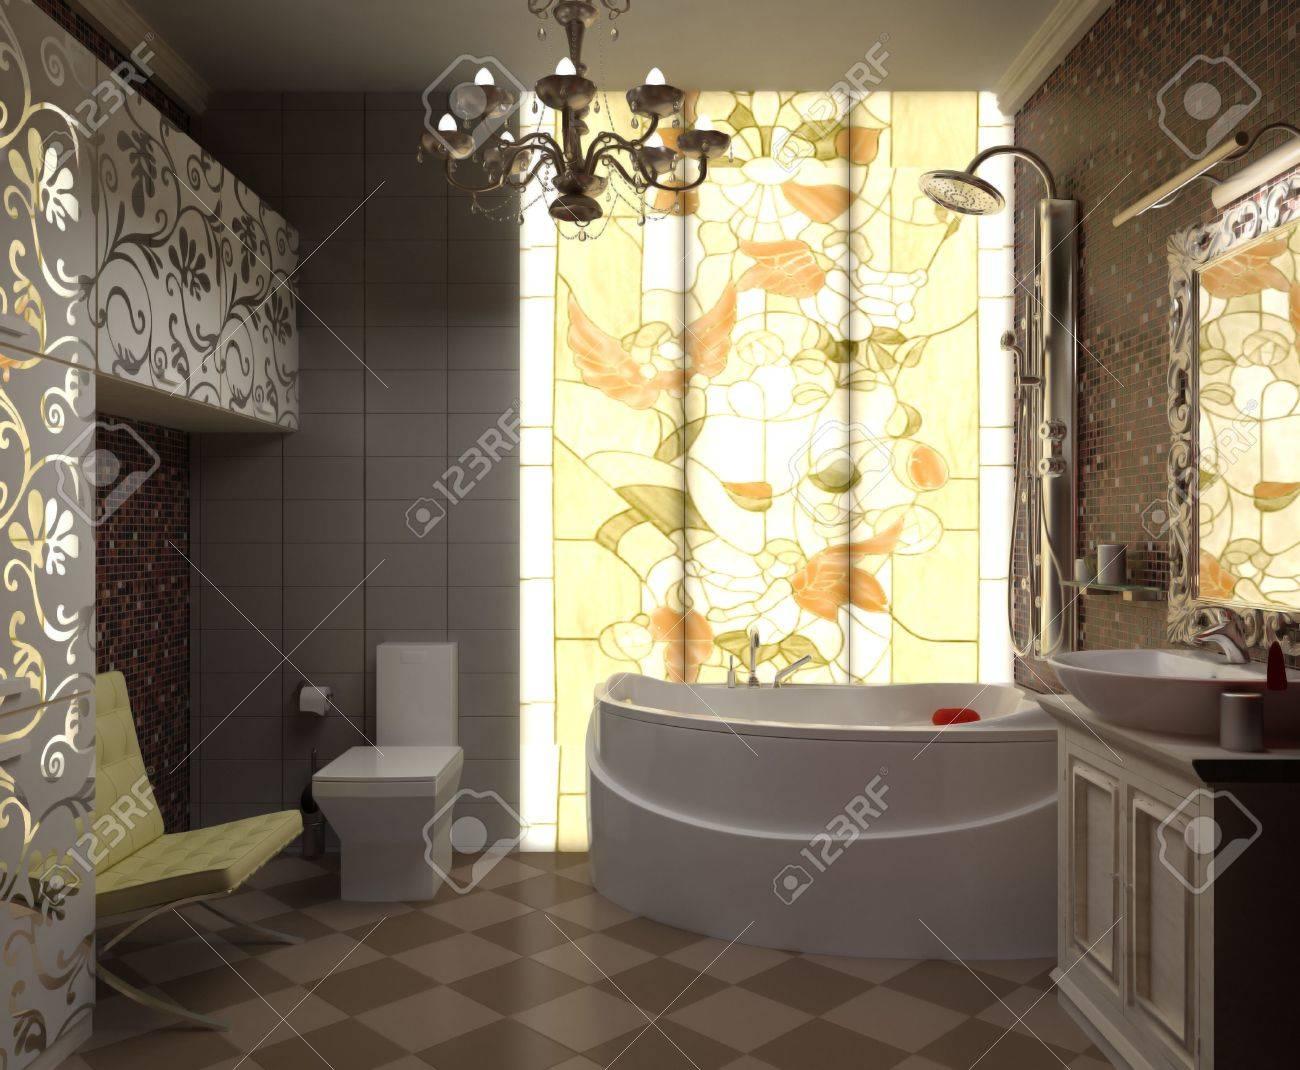 archivio fotografico illustrazione interni bellissimo bagno con wc e doccia